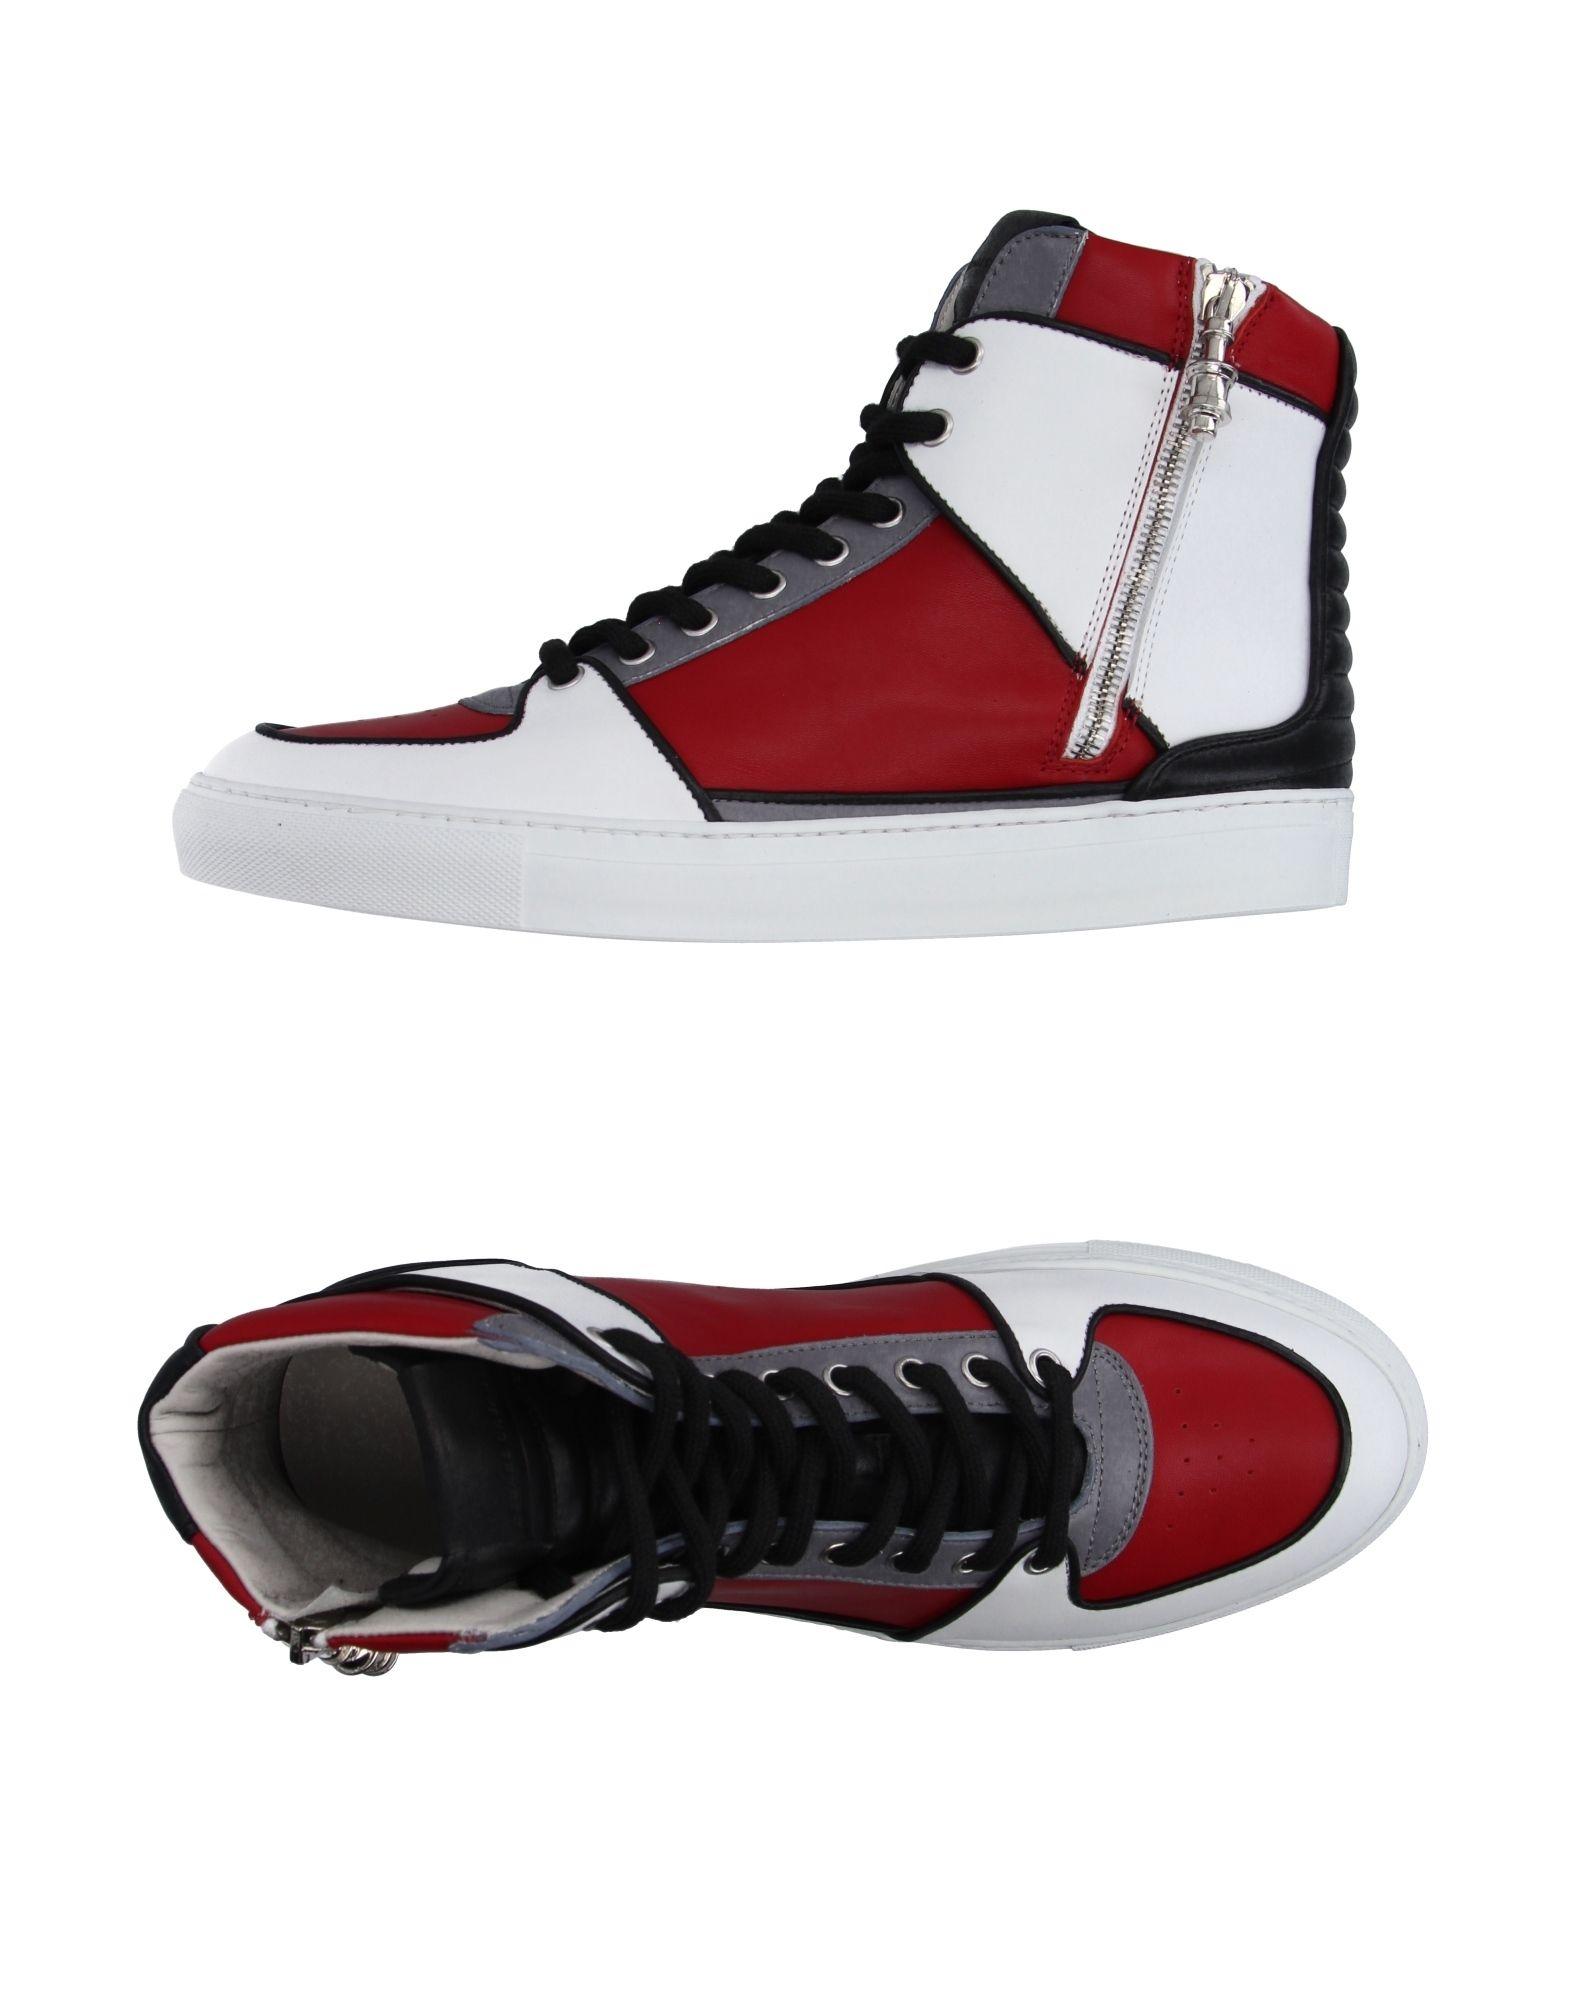 Cesare Casadei Sneakers Herren beliebte  11187736FU Gute Qualität beliebte Herren Schuhe 8196b3